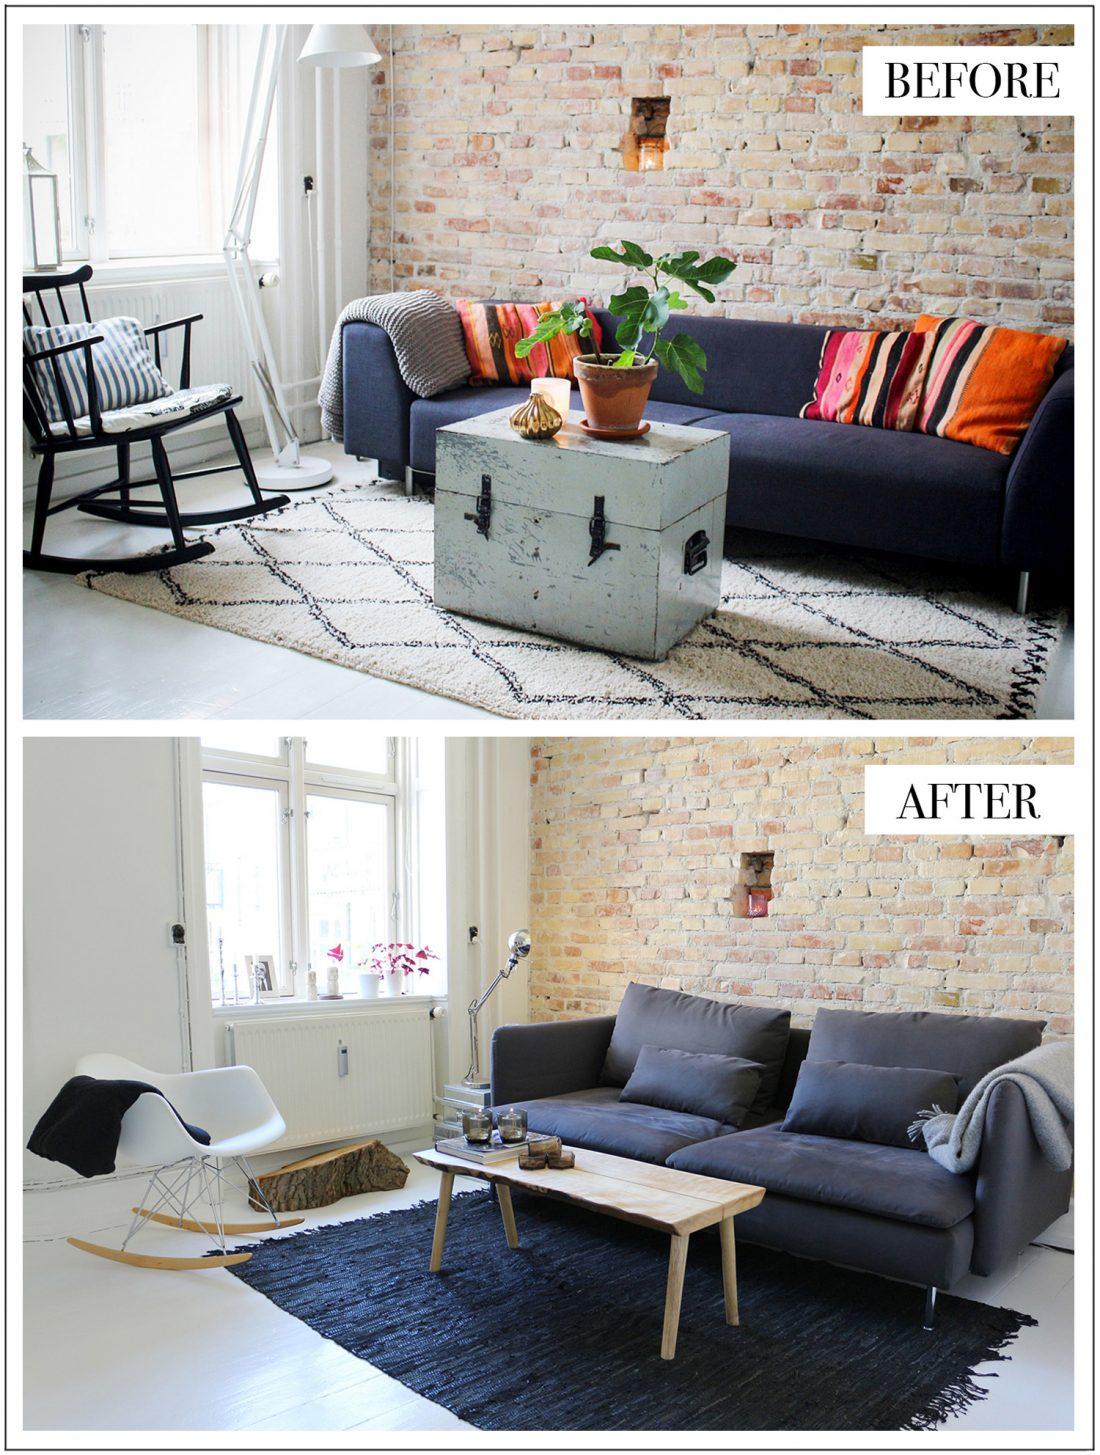 før-og-efter-boligrenovering@2x.jpg